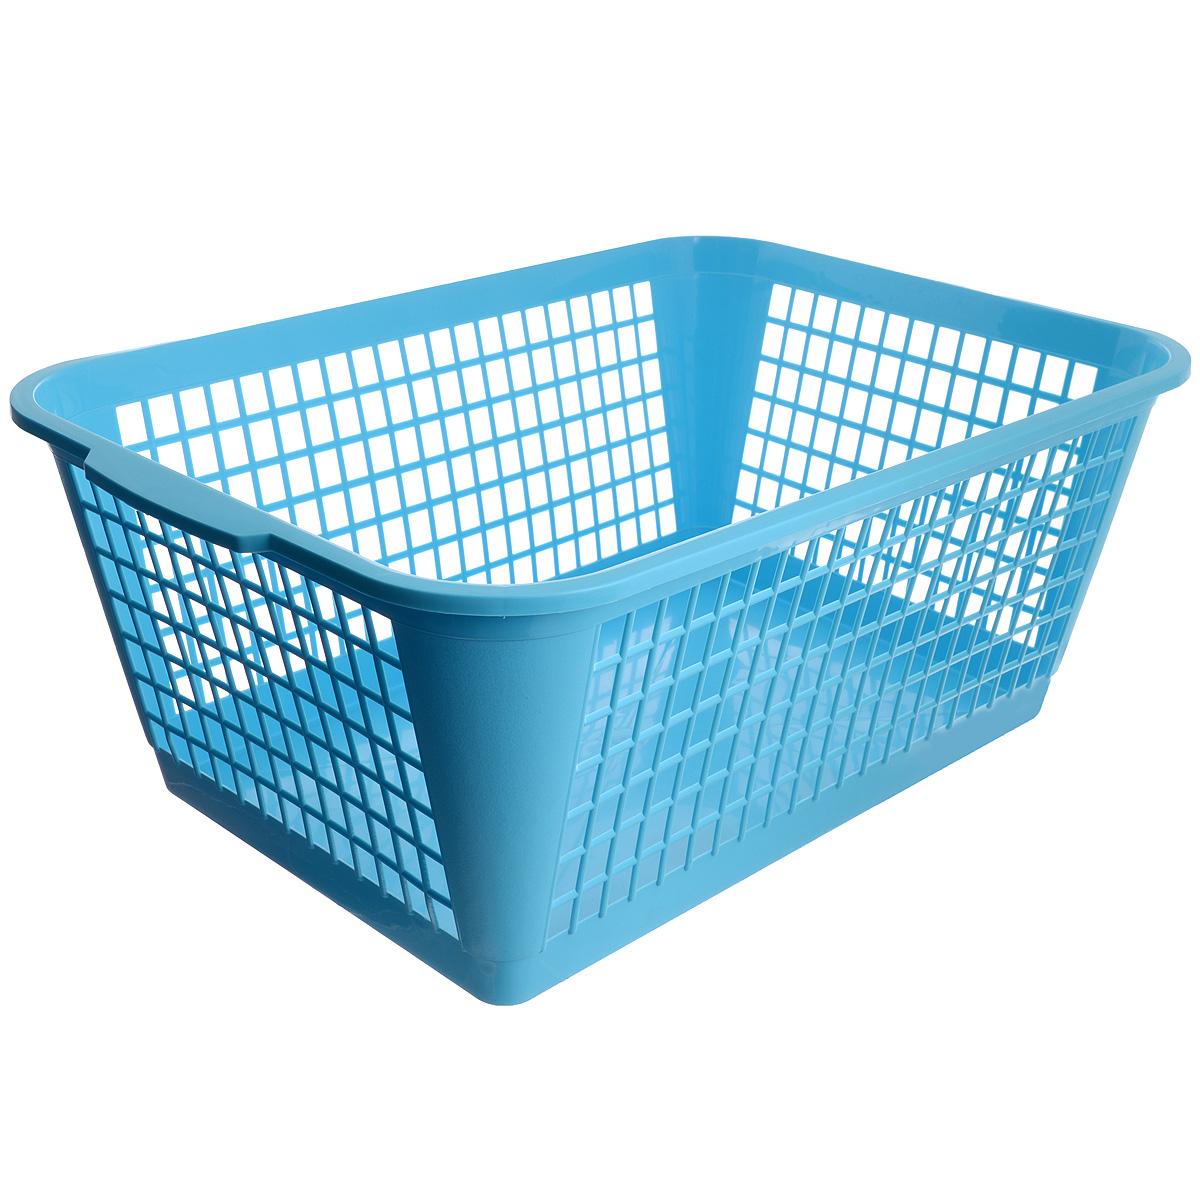 Корзина Gensini, цвет: голубой, 50 л3309_голубойУниверсальная корзина Gensini, выполненная из полипропилена, предназначена для хранения мелочей в ванной, на кухне, даче или гараже. Позволяет хранить мелкие вещи, исключая возможность их потери. Легкая воздушная корзина с жесткой кромкой, с узором из отверстий в форме прямоугольников.